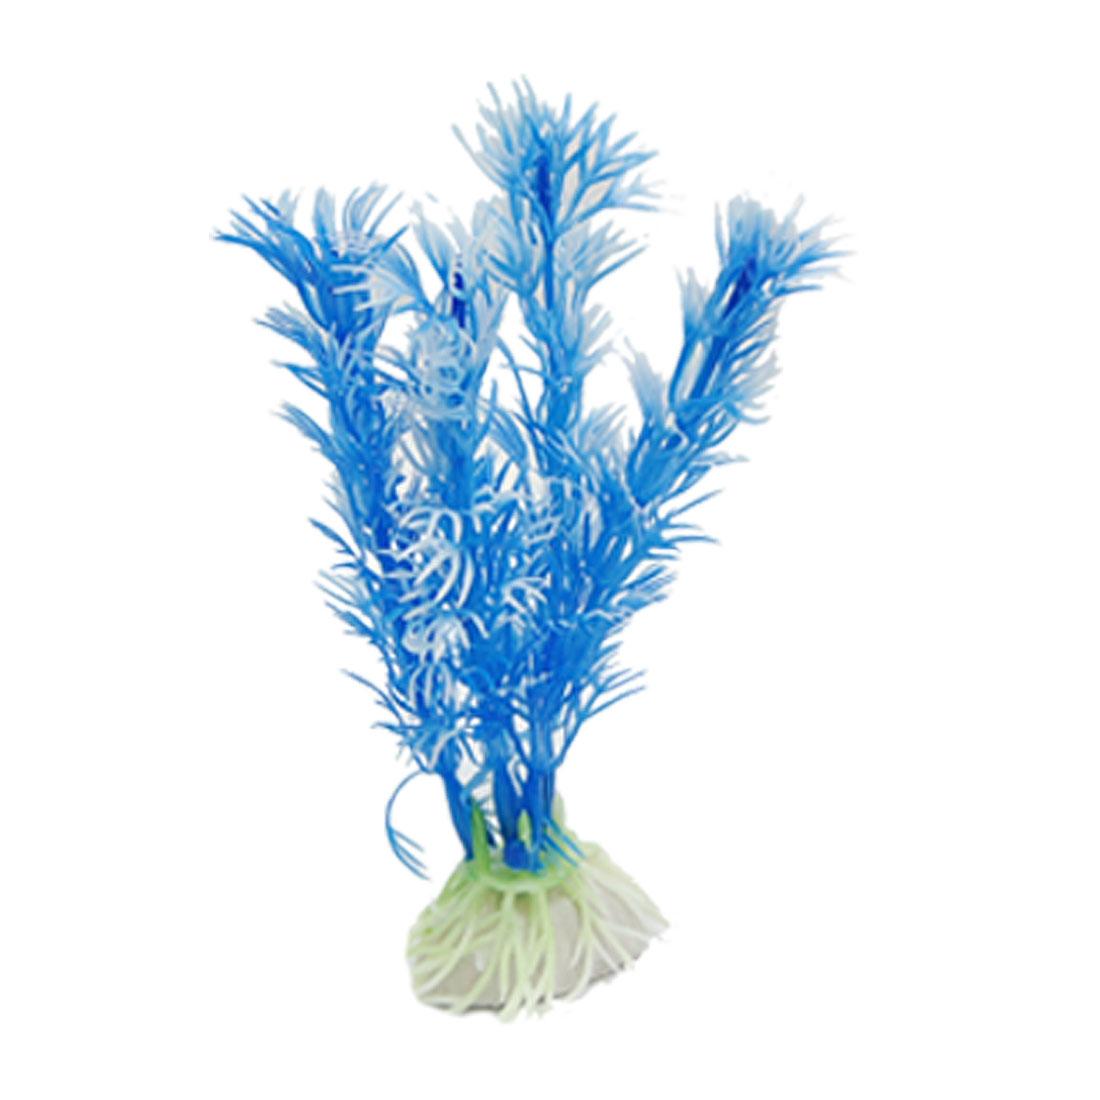 Oval Ceramic Based Artificial Sky Blue Water Grass Aquarium Decor 10 Pcs